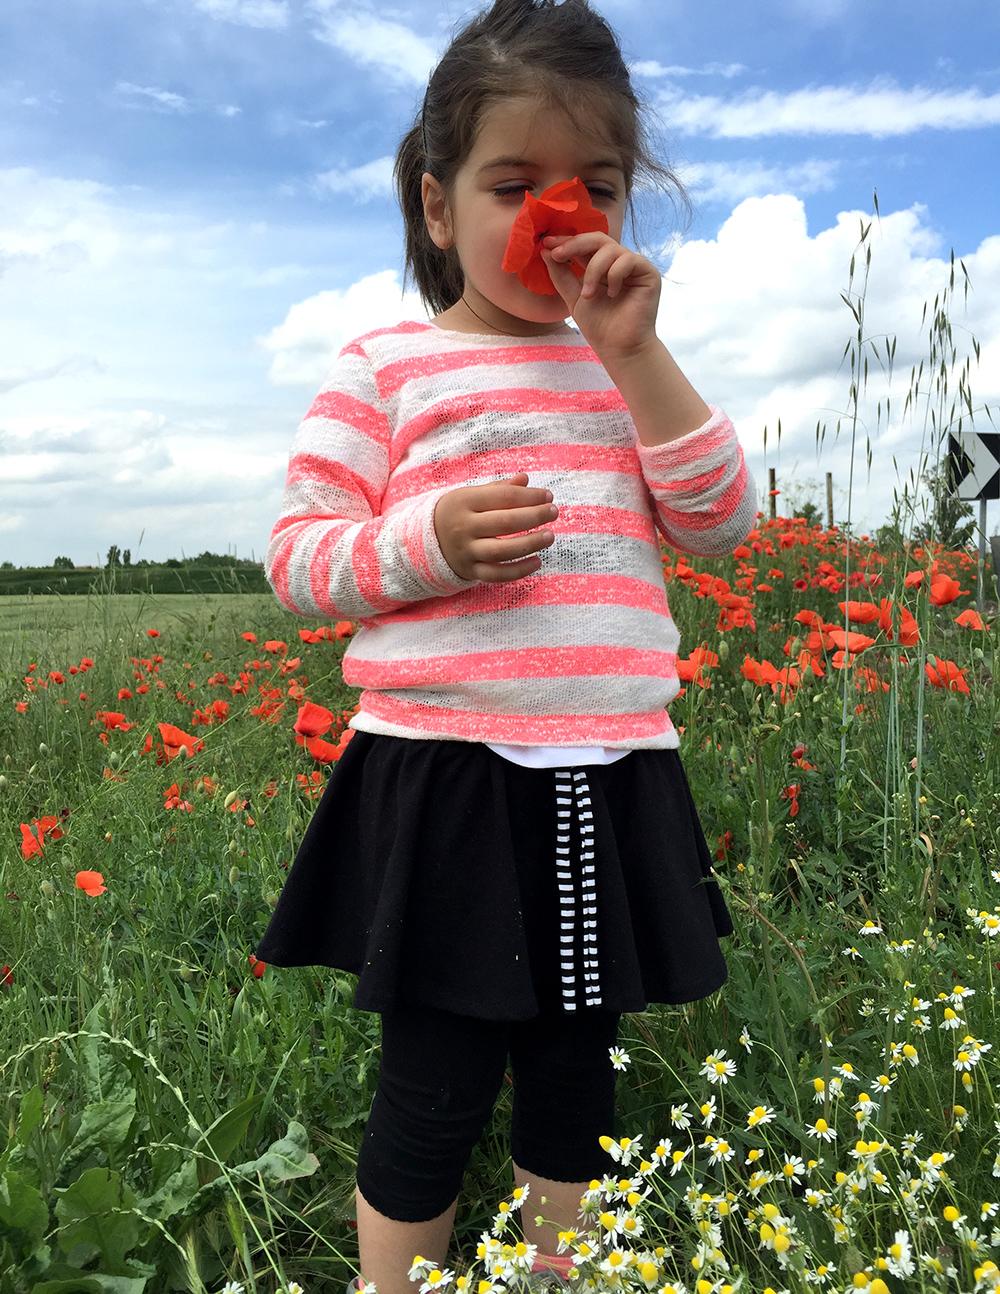 bambina annusa fiore di papavero in campagna con gonna realizzata a mano e maglia a righe